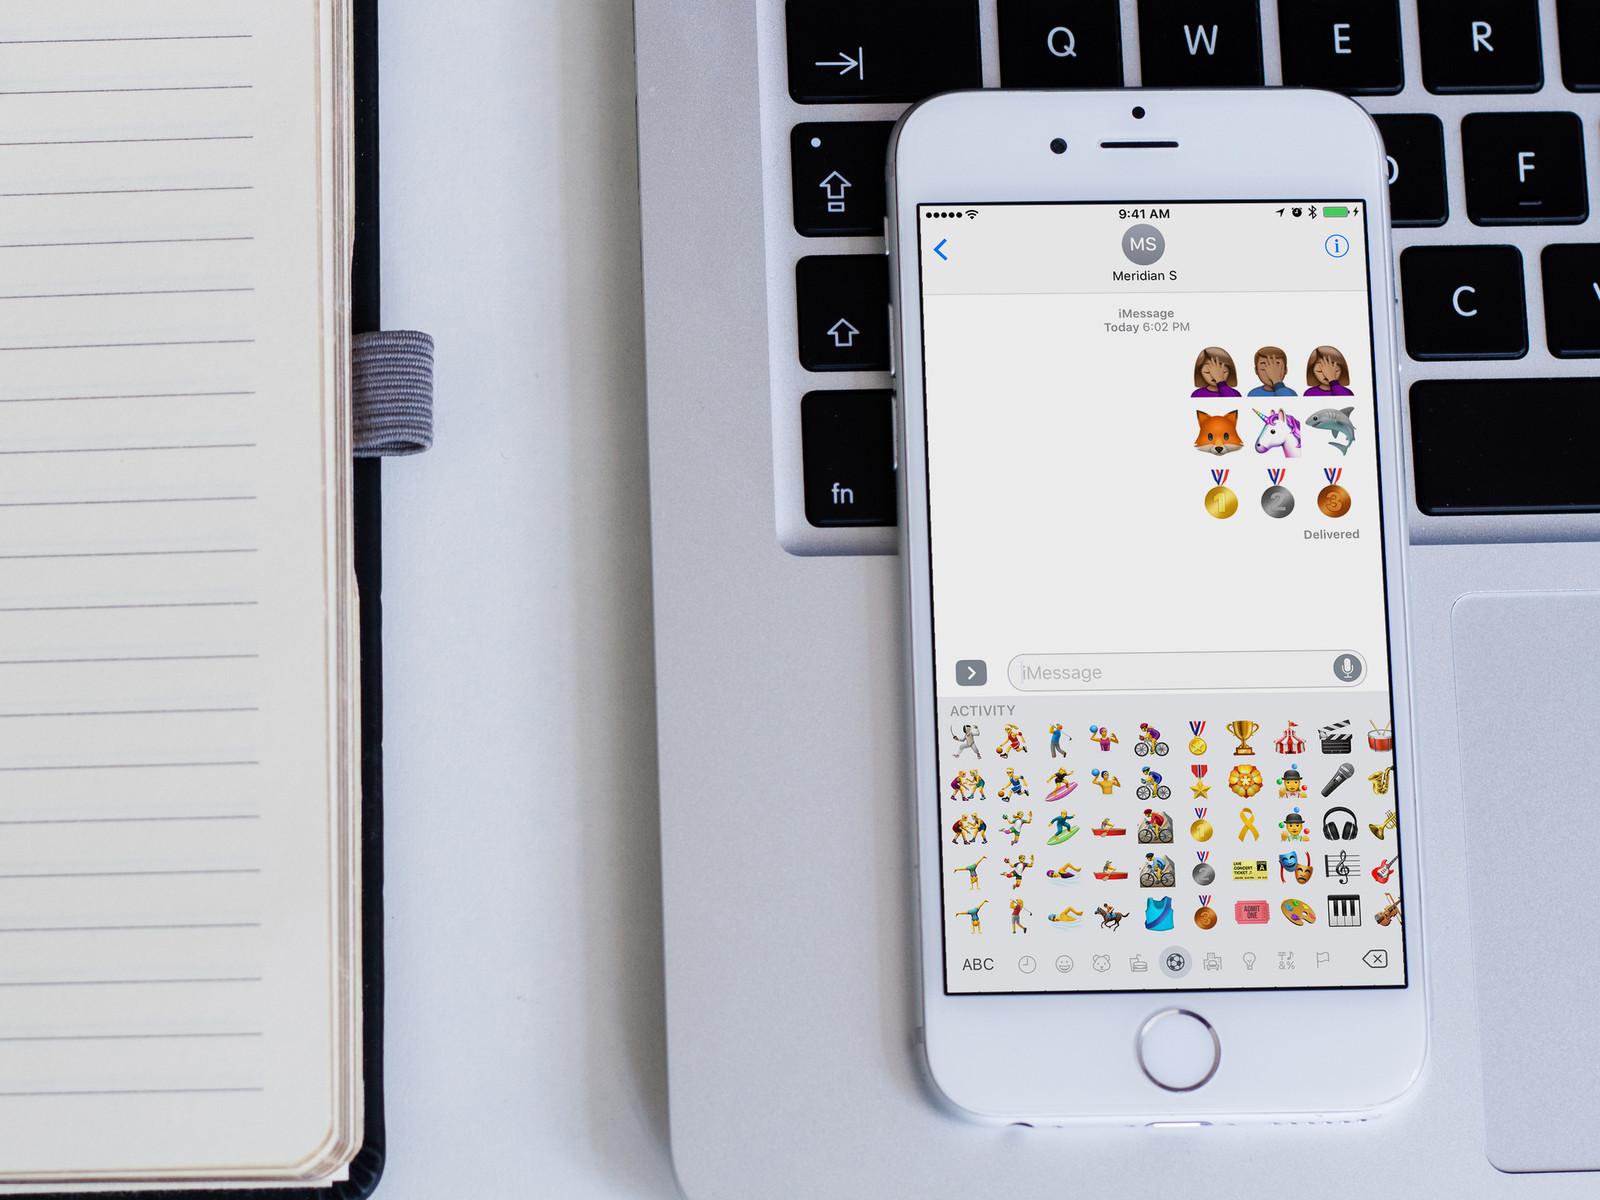 أبل تعلن عن إطلاق النسخة التجريبية الرابعة من iOS 10.2 بمميزات متعددة